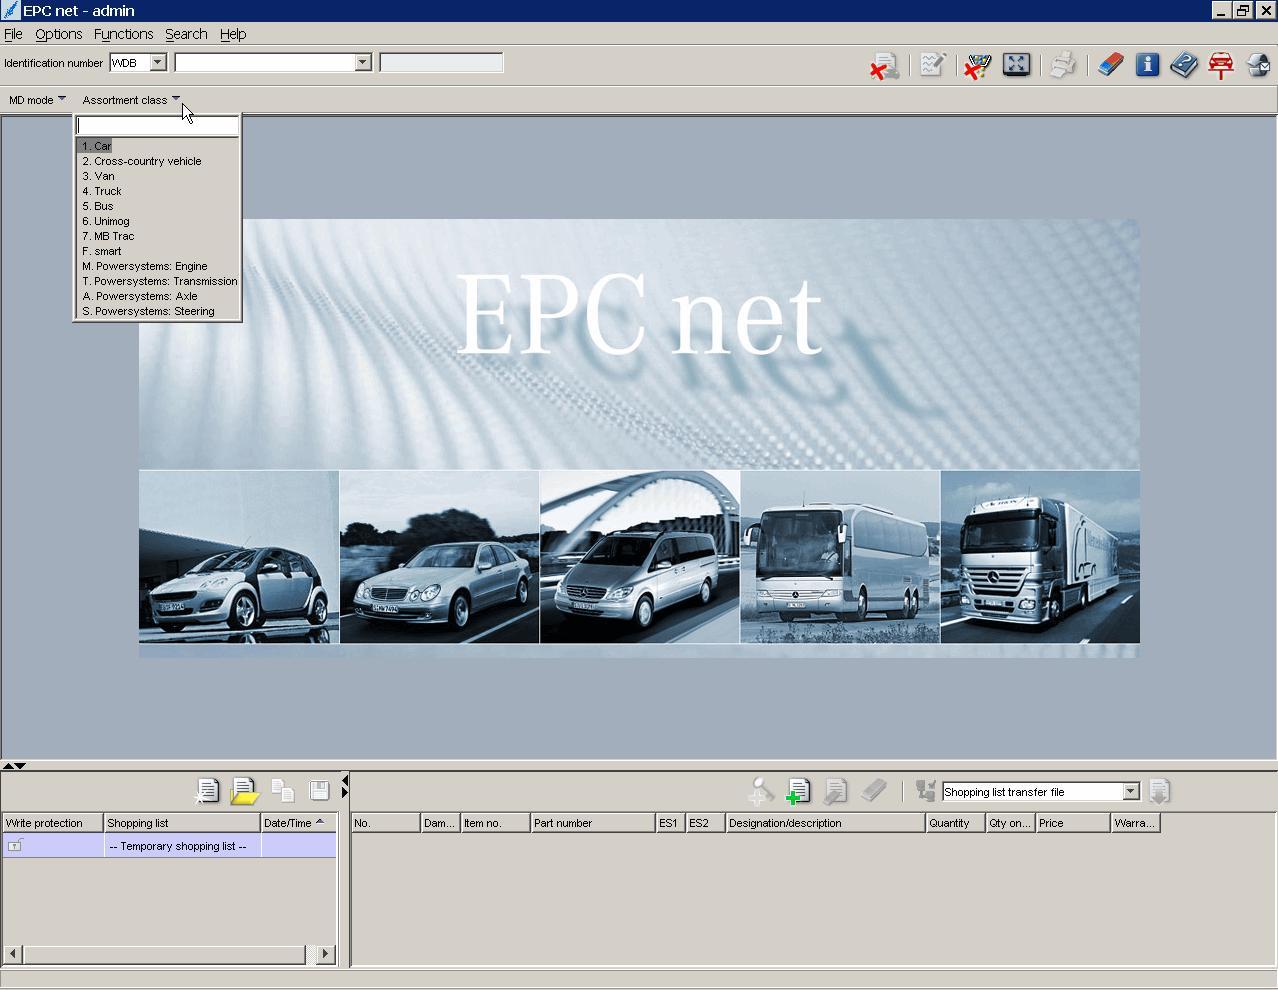 AutoParts Catalogs: MERCEDES EPC NET/WIS/ASRA (Daimler AG)